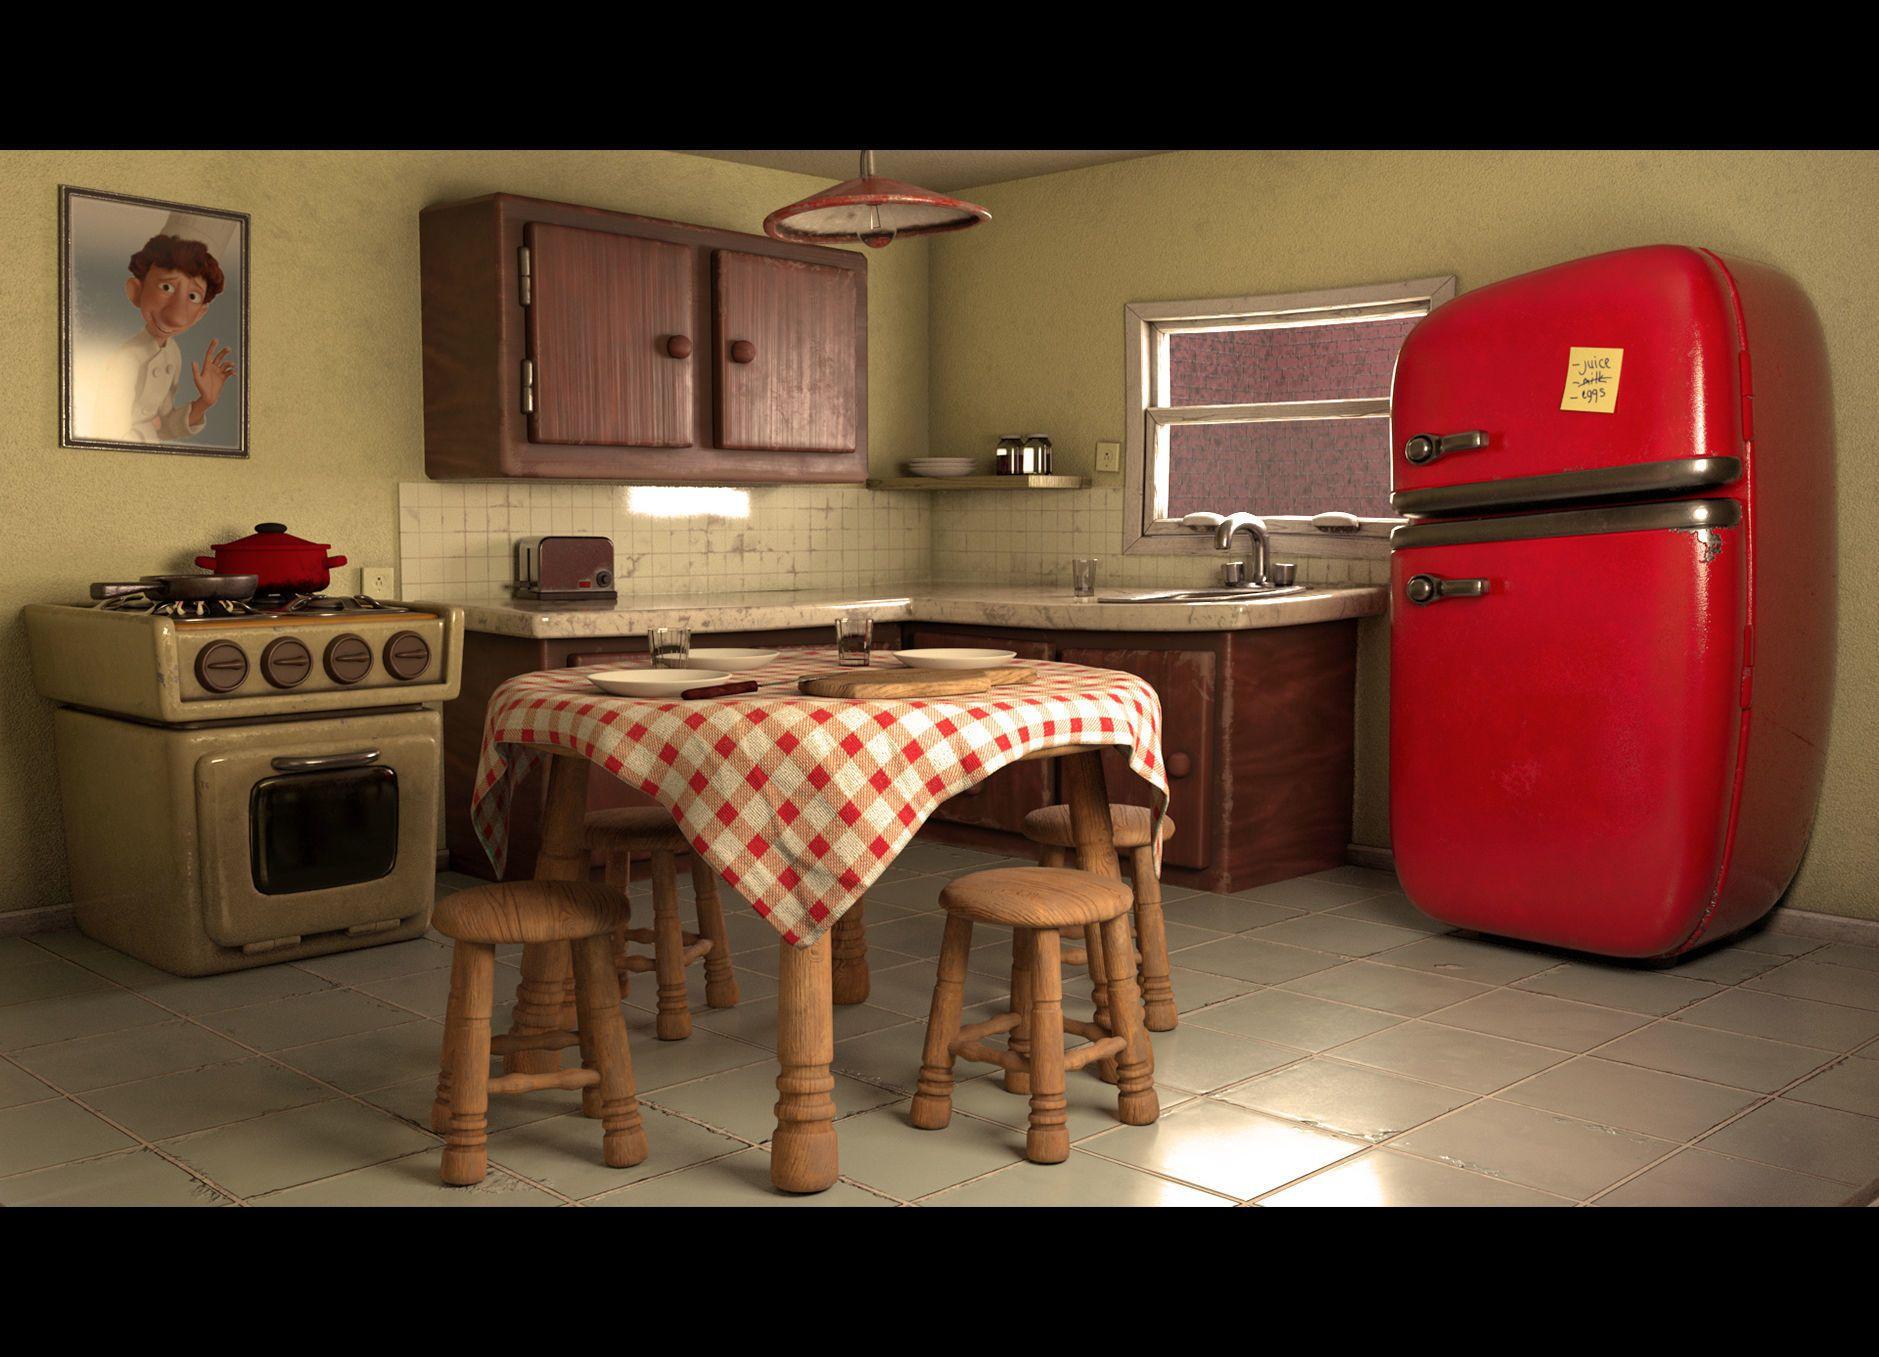 Cartoon Kitchen Layout 3D model in 2020 Kitchen layout